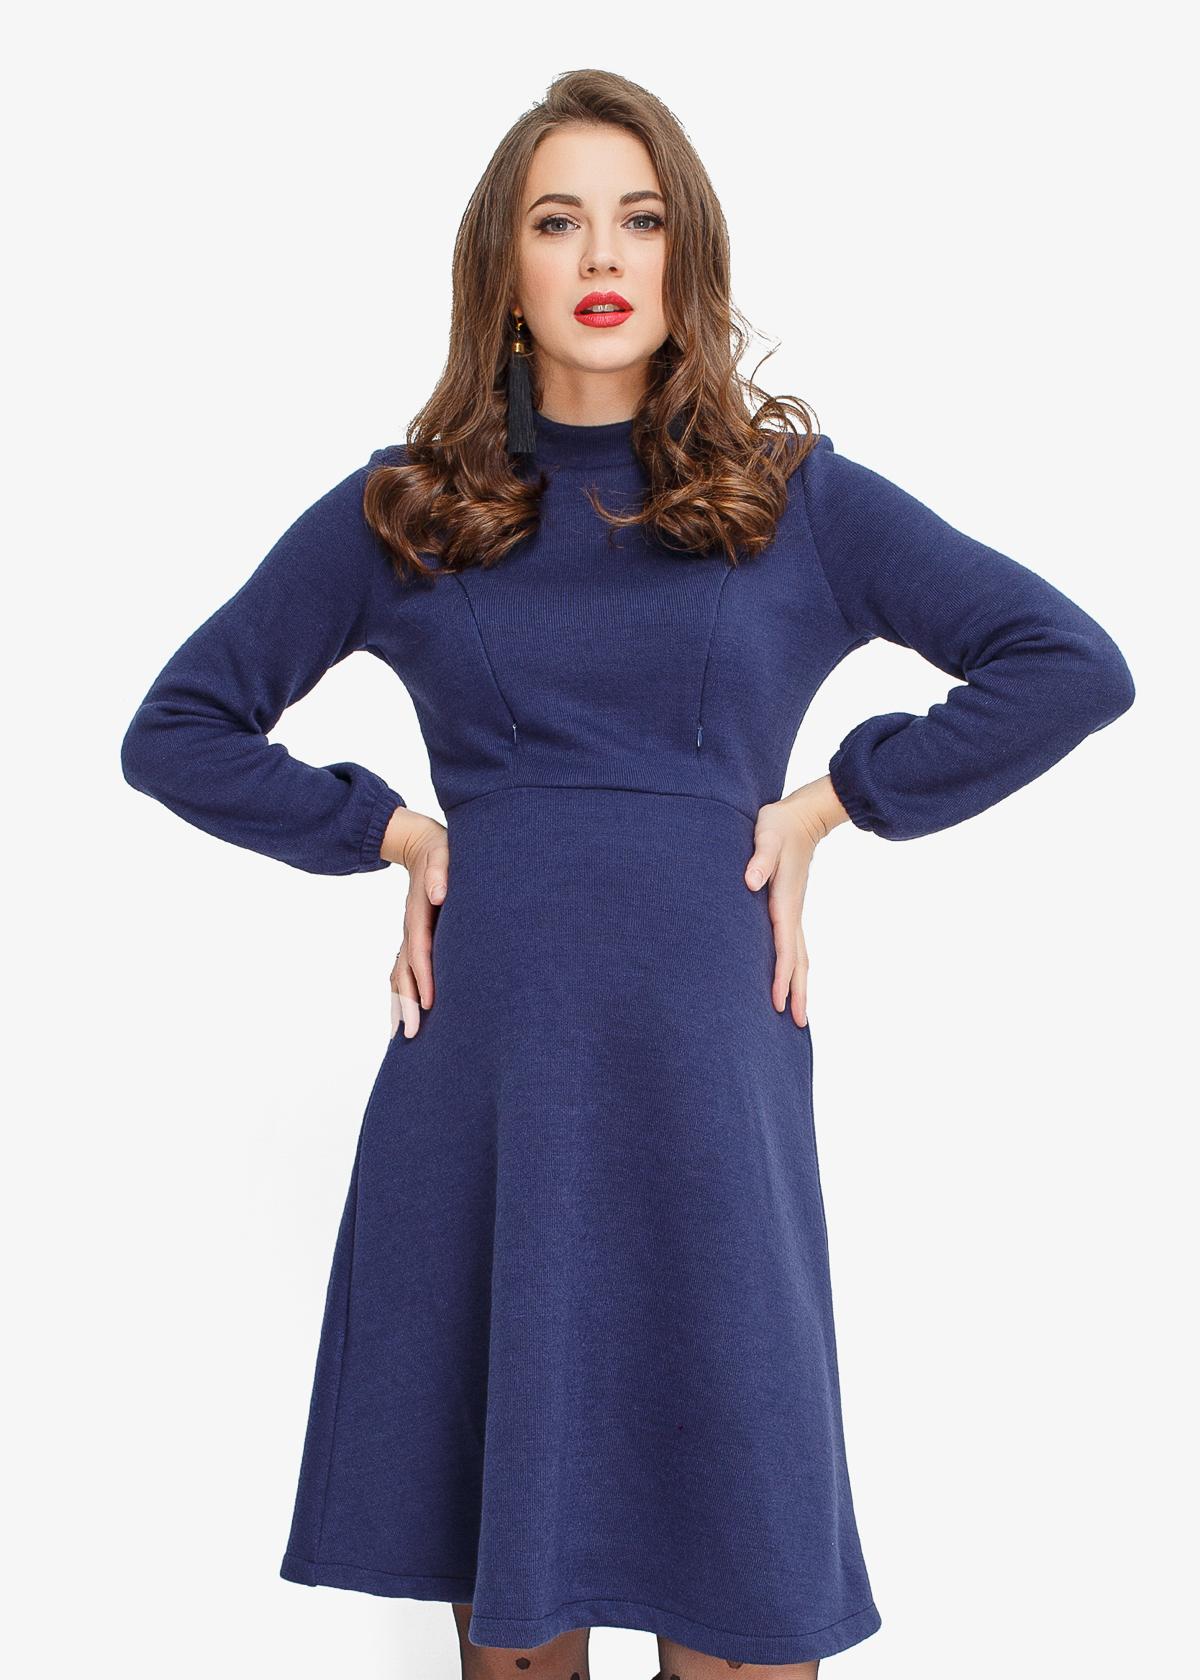 Фото: платье для беременной INDIGO Limited Edition